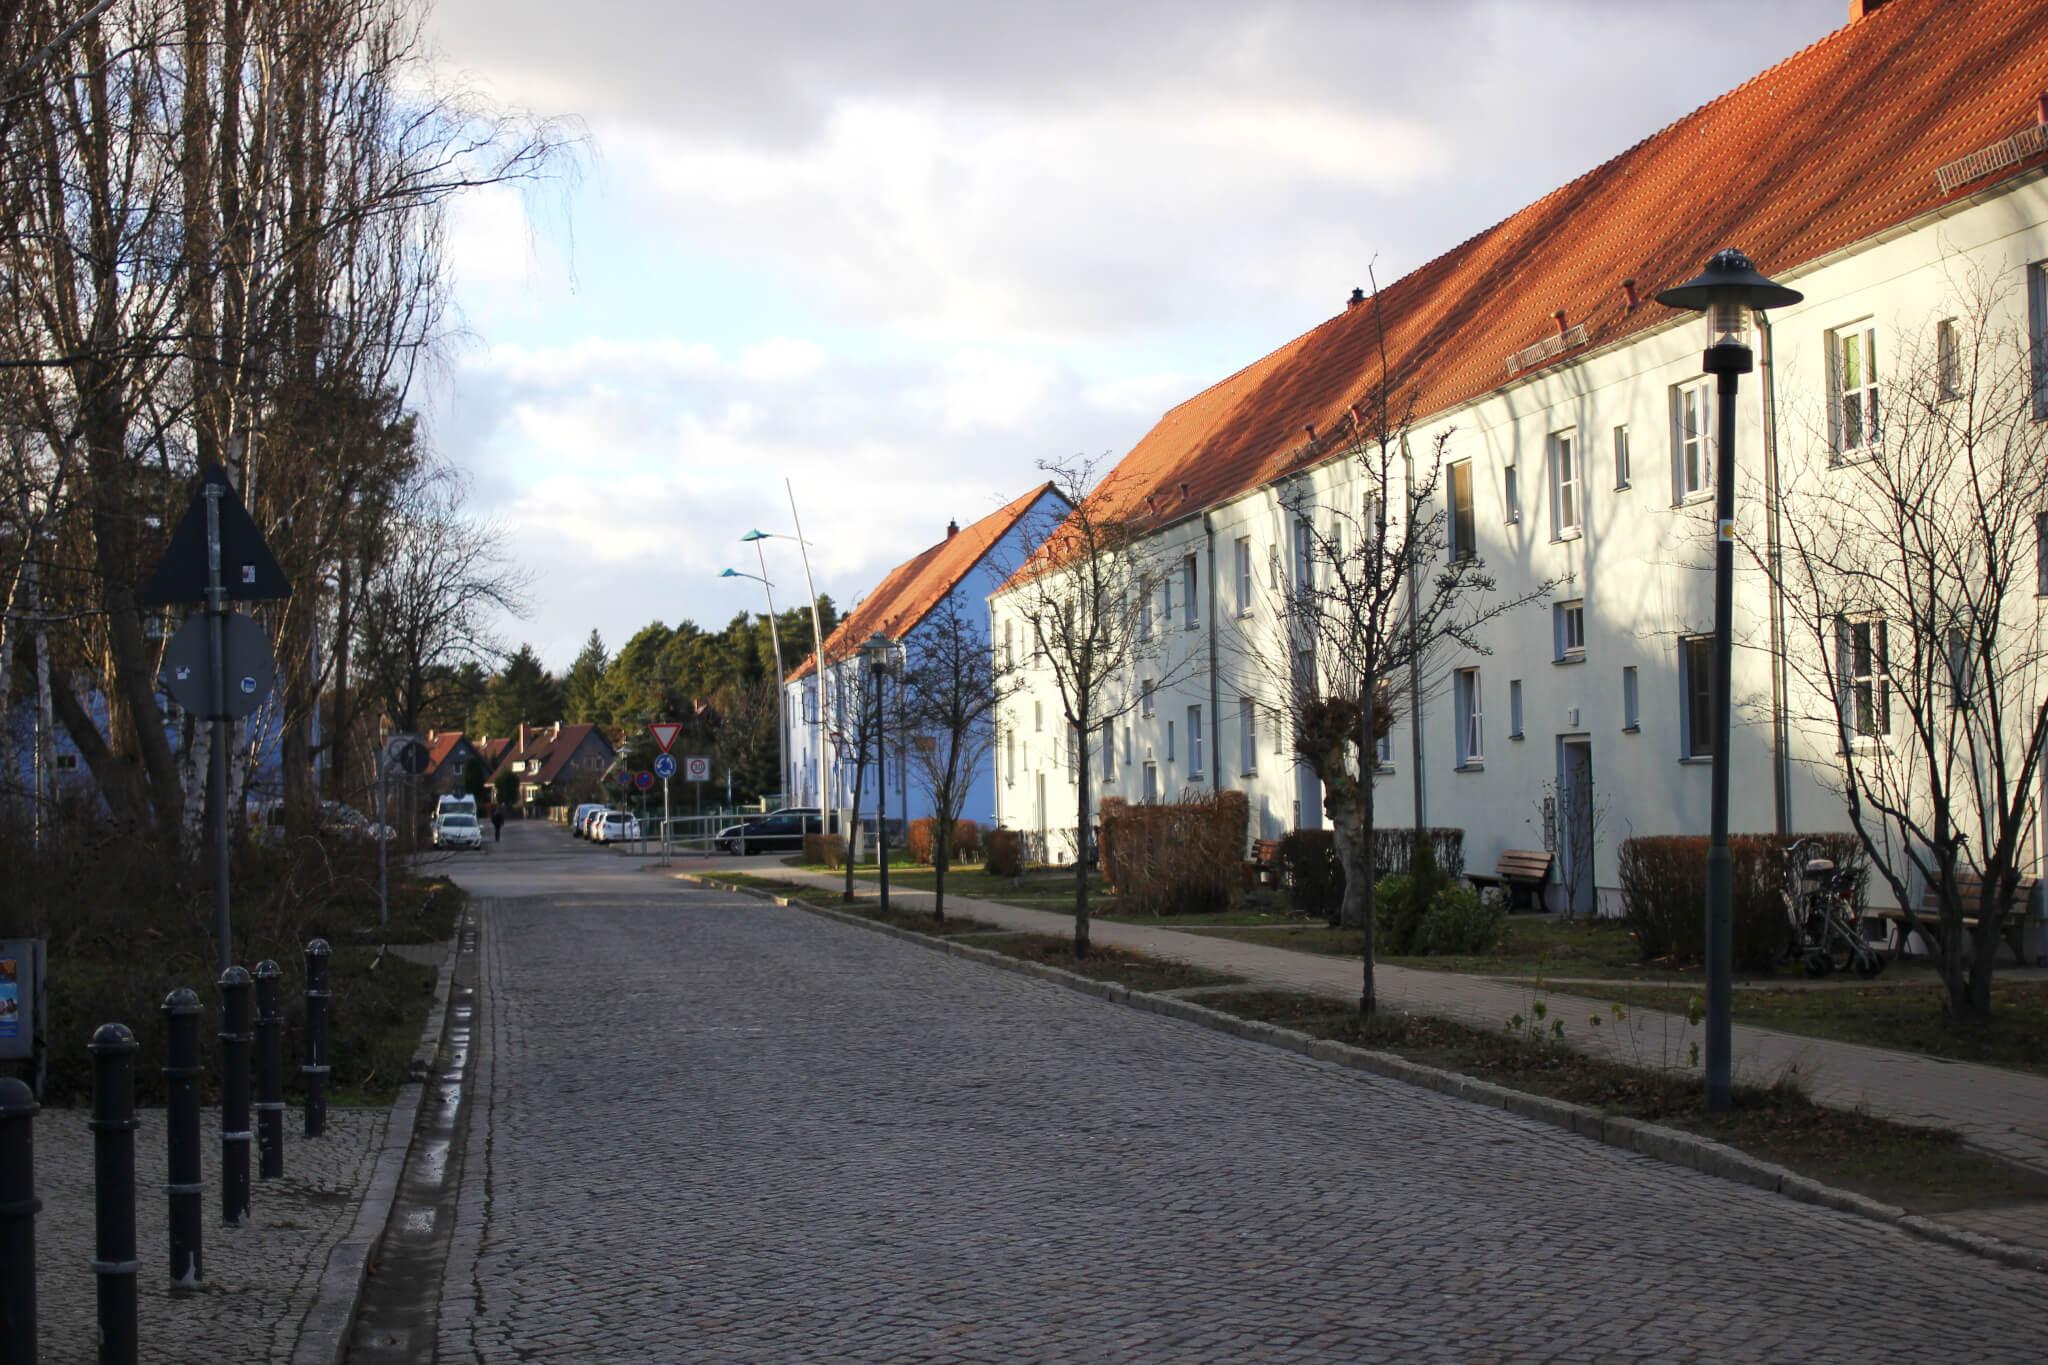 schulstraße in ludwigsfelde